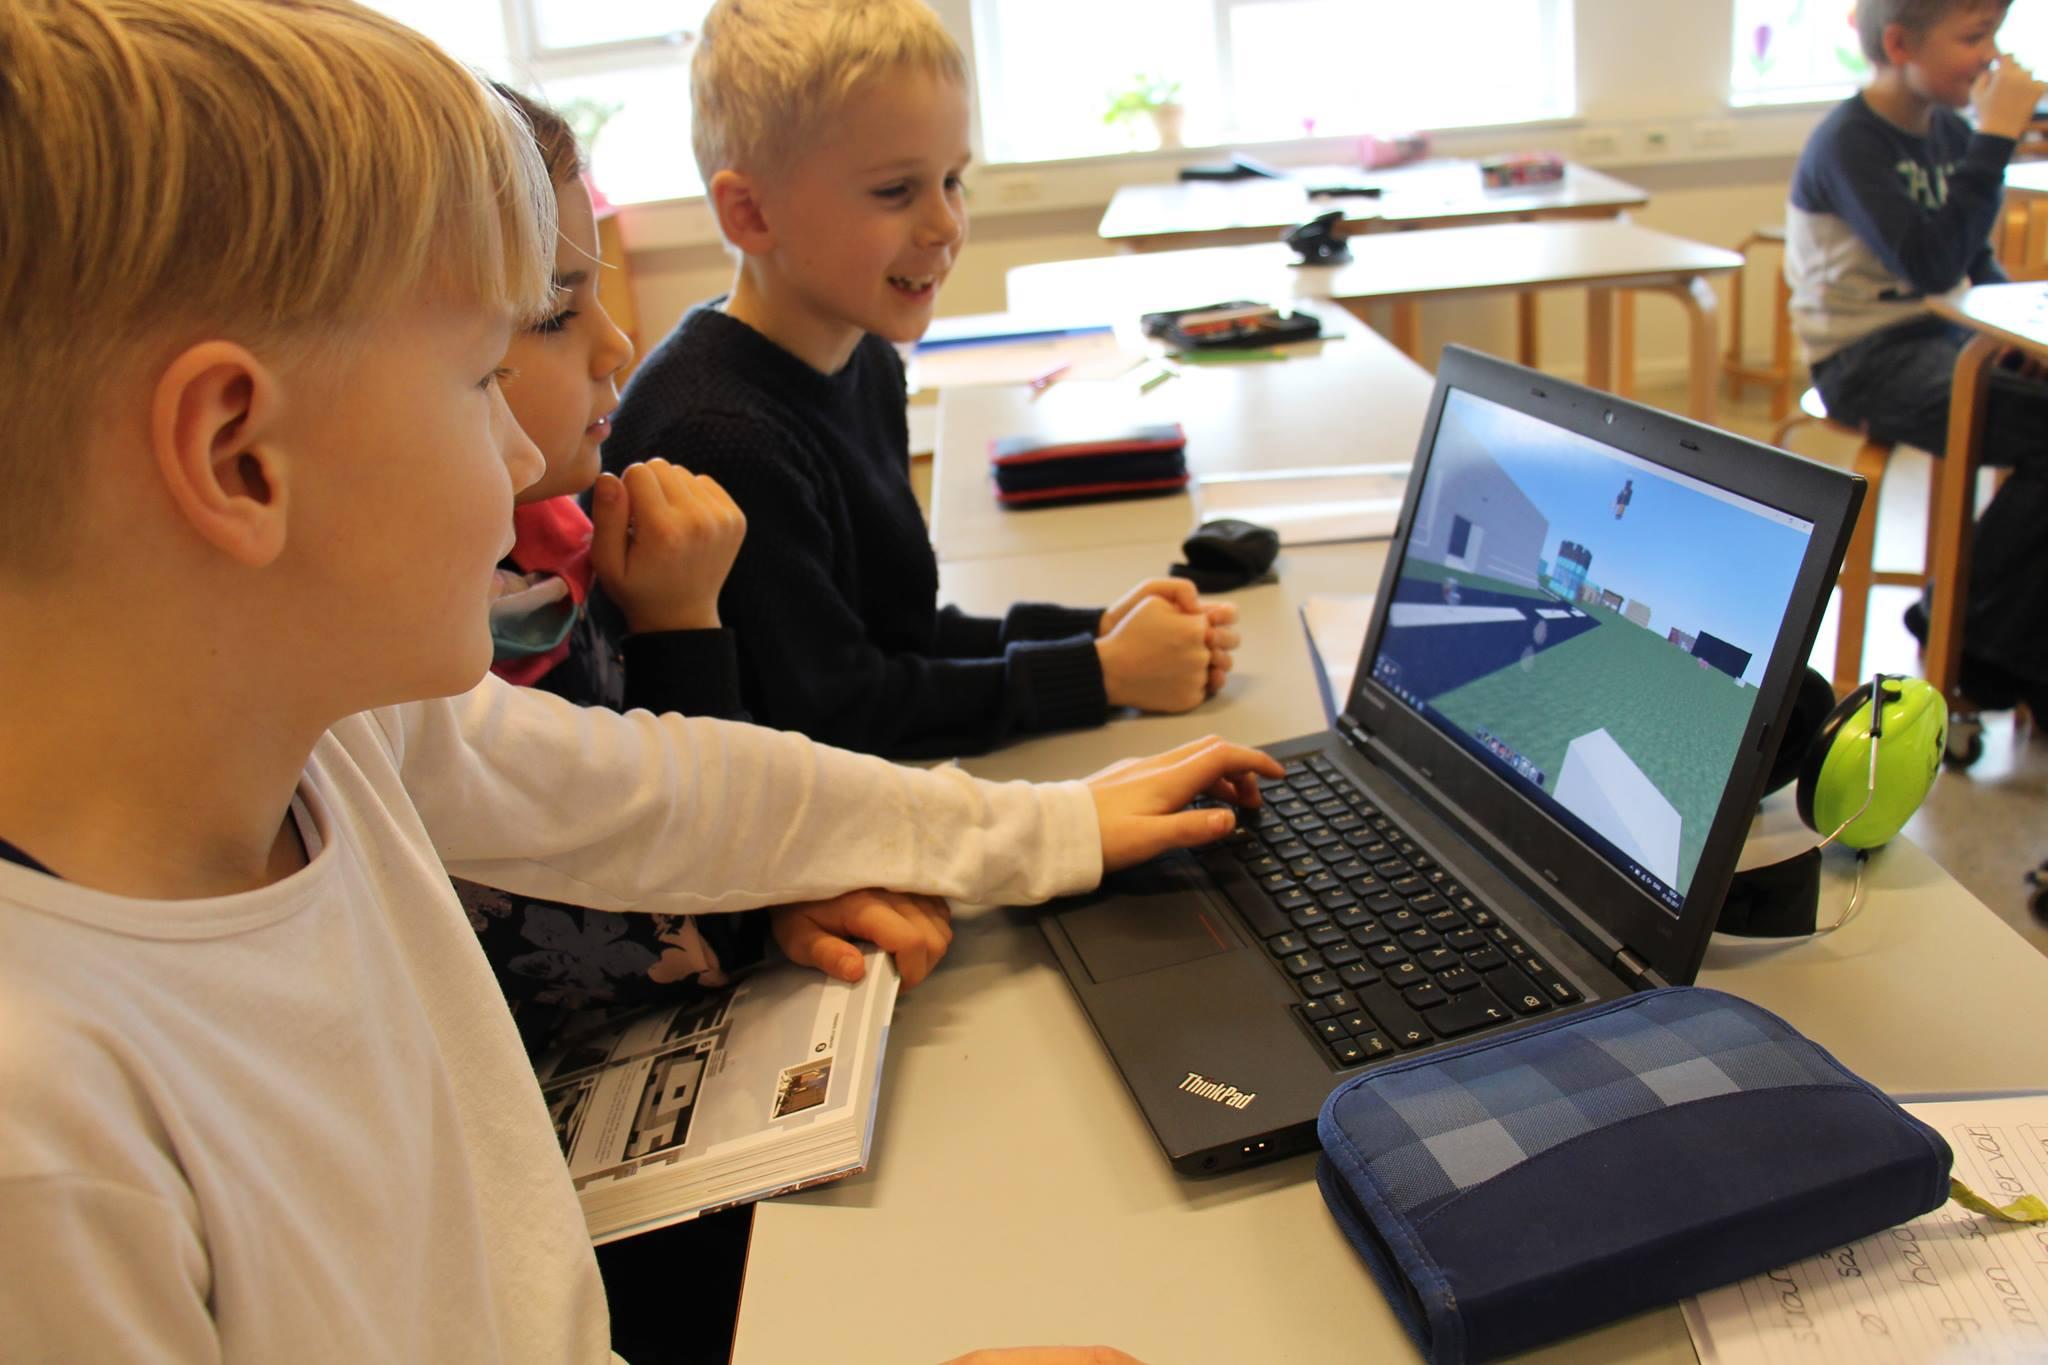 Læringsspil en del af skolernes hverdag